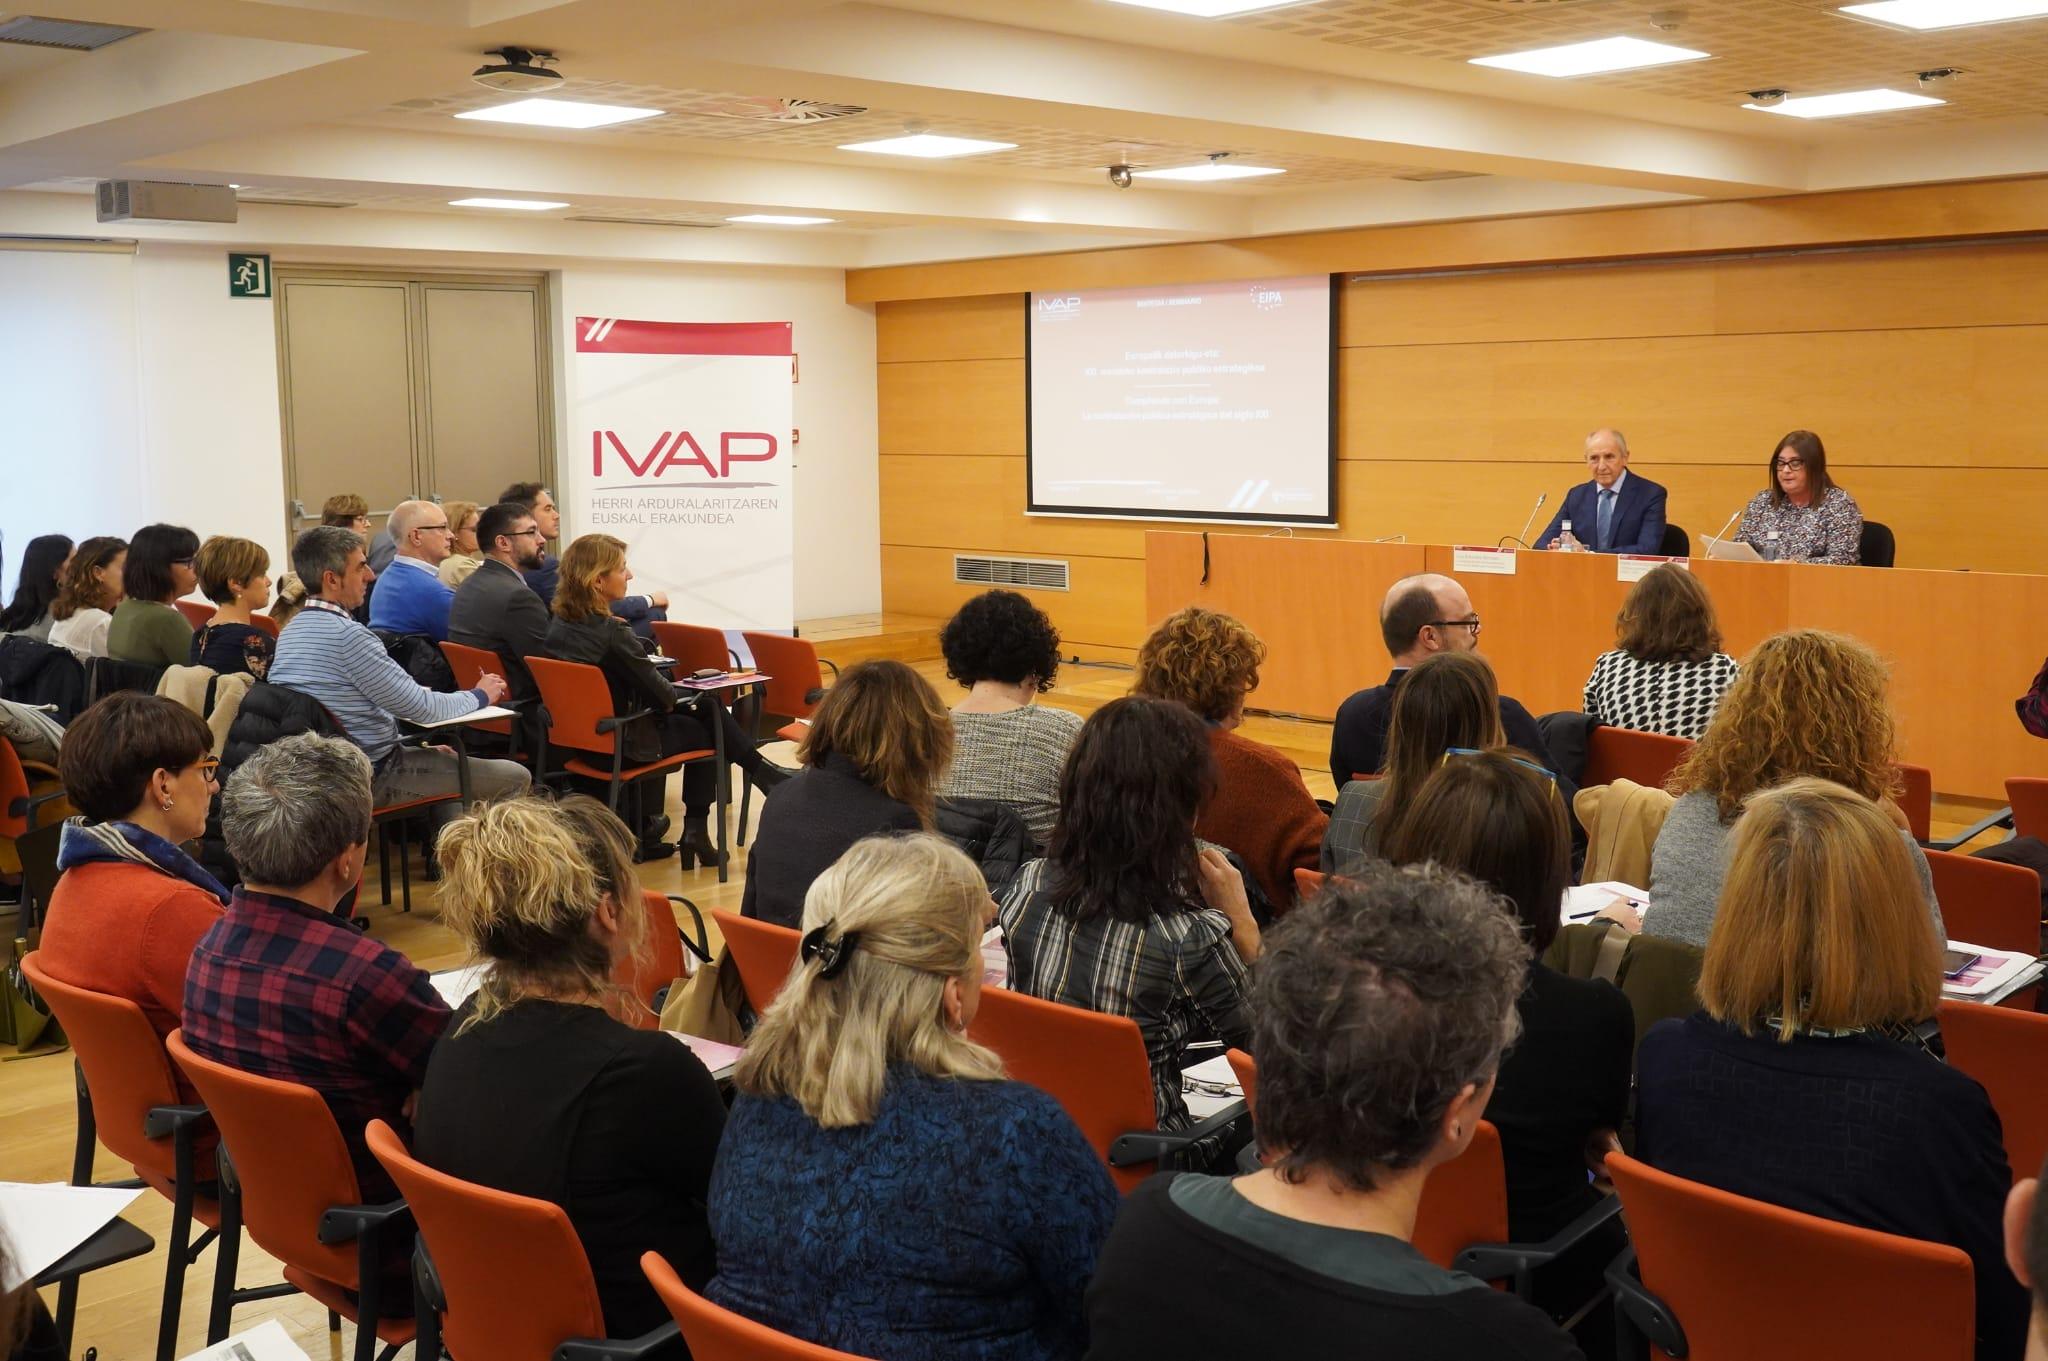 Euskadiko hiru maila instituzionaletako profesionalak prestatzen ditu IVAP-ek kontratazio publikoan